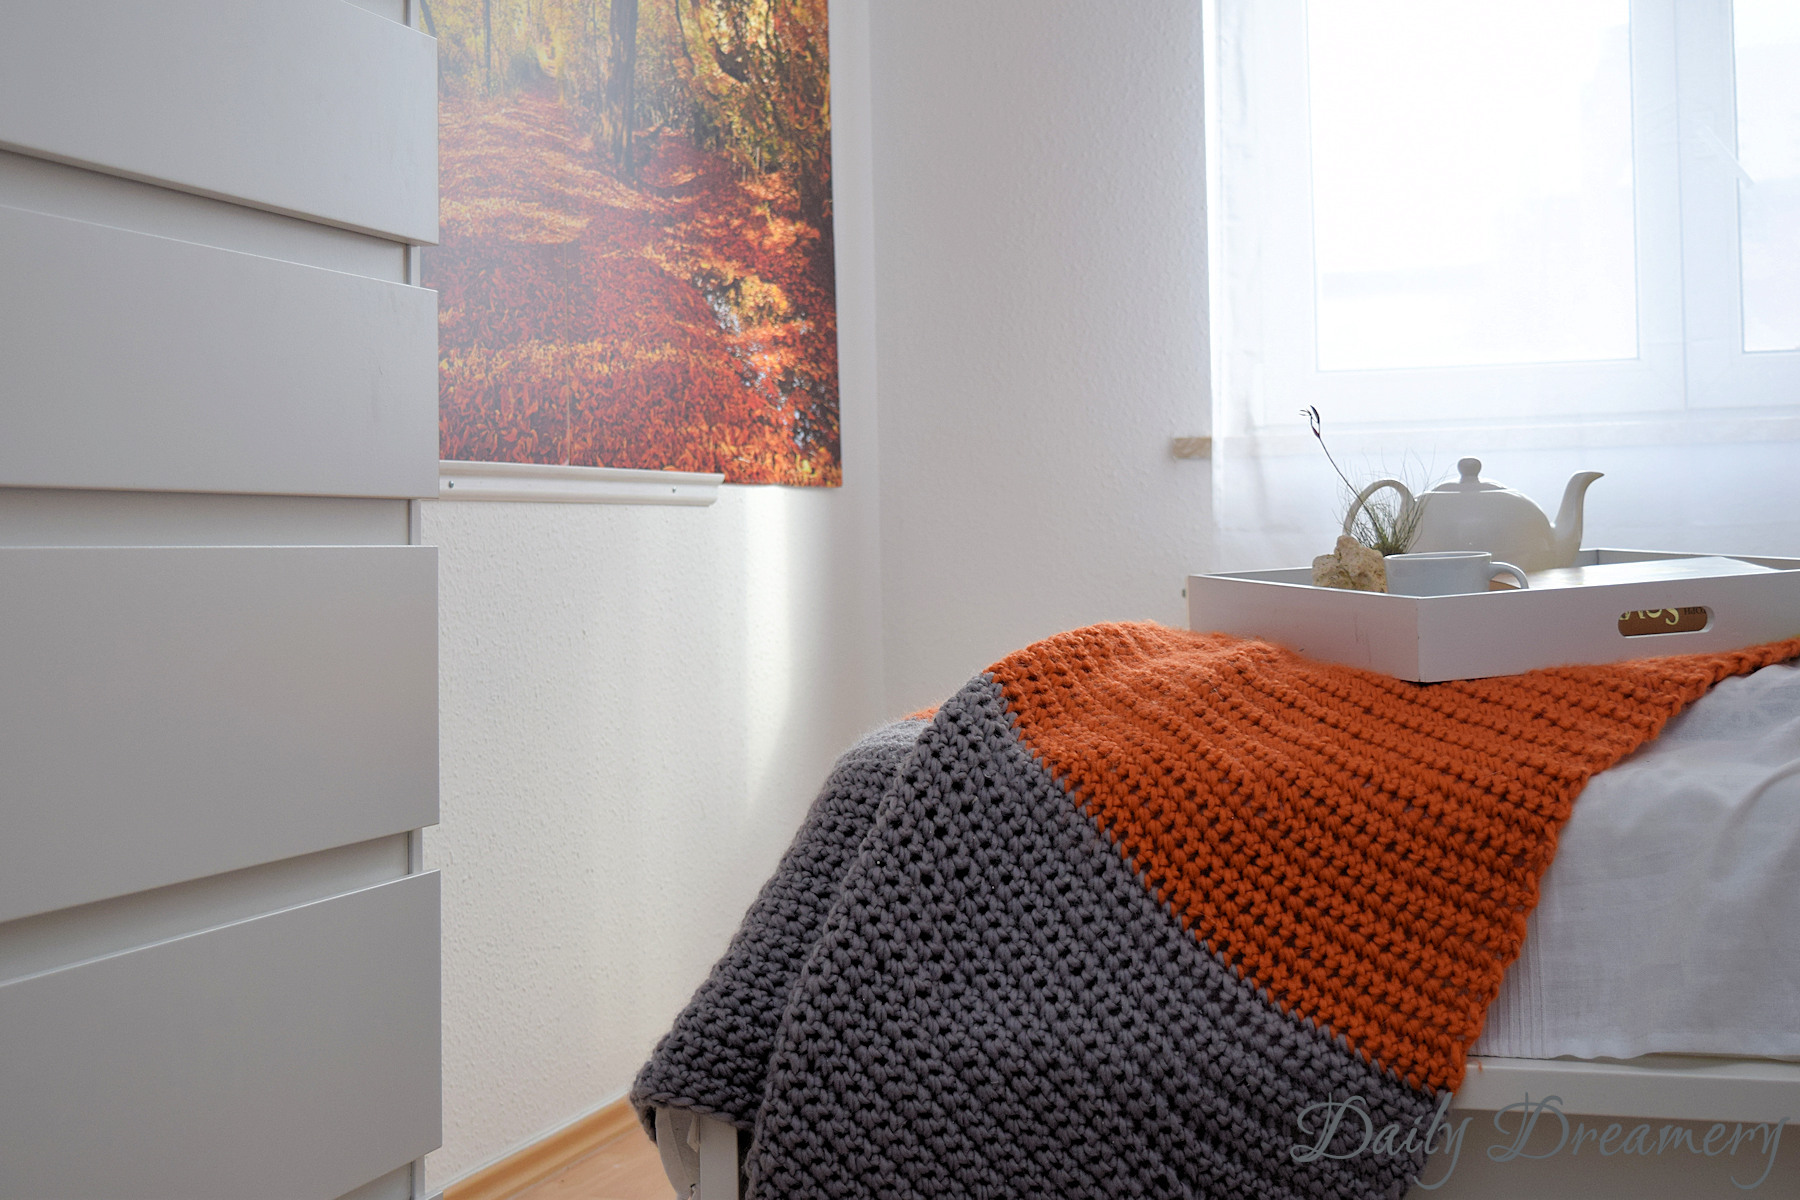 gemütliches Schlafzimmer mit Aussicht - Fototapete als Wandbild